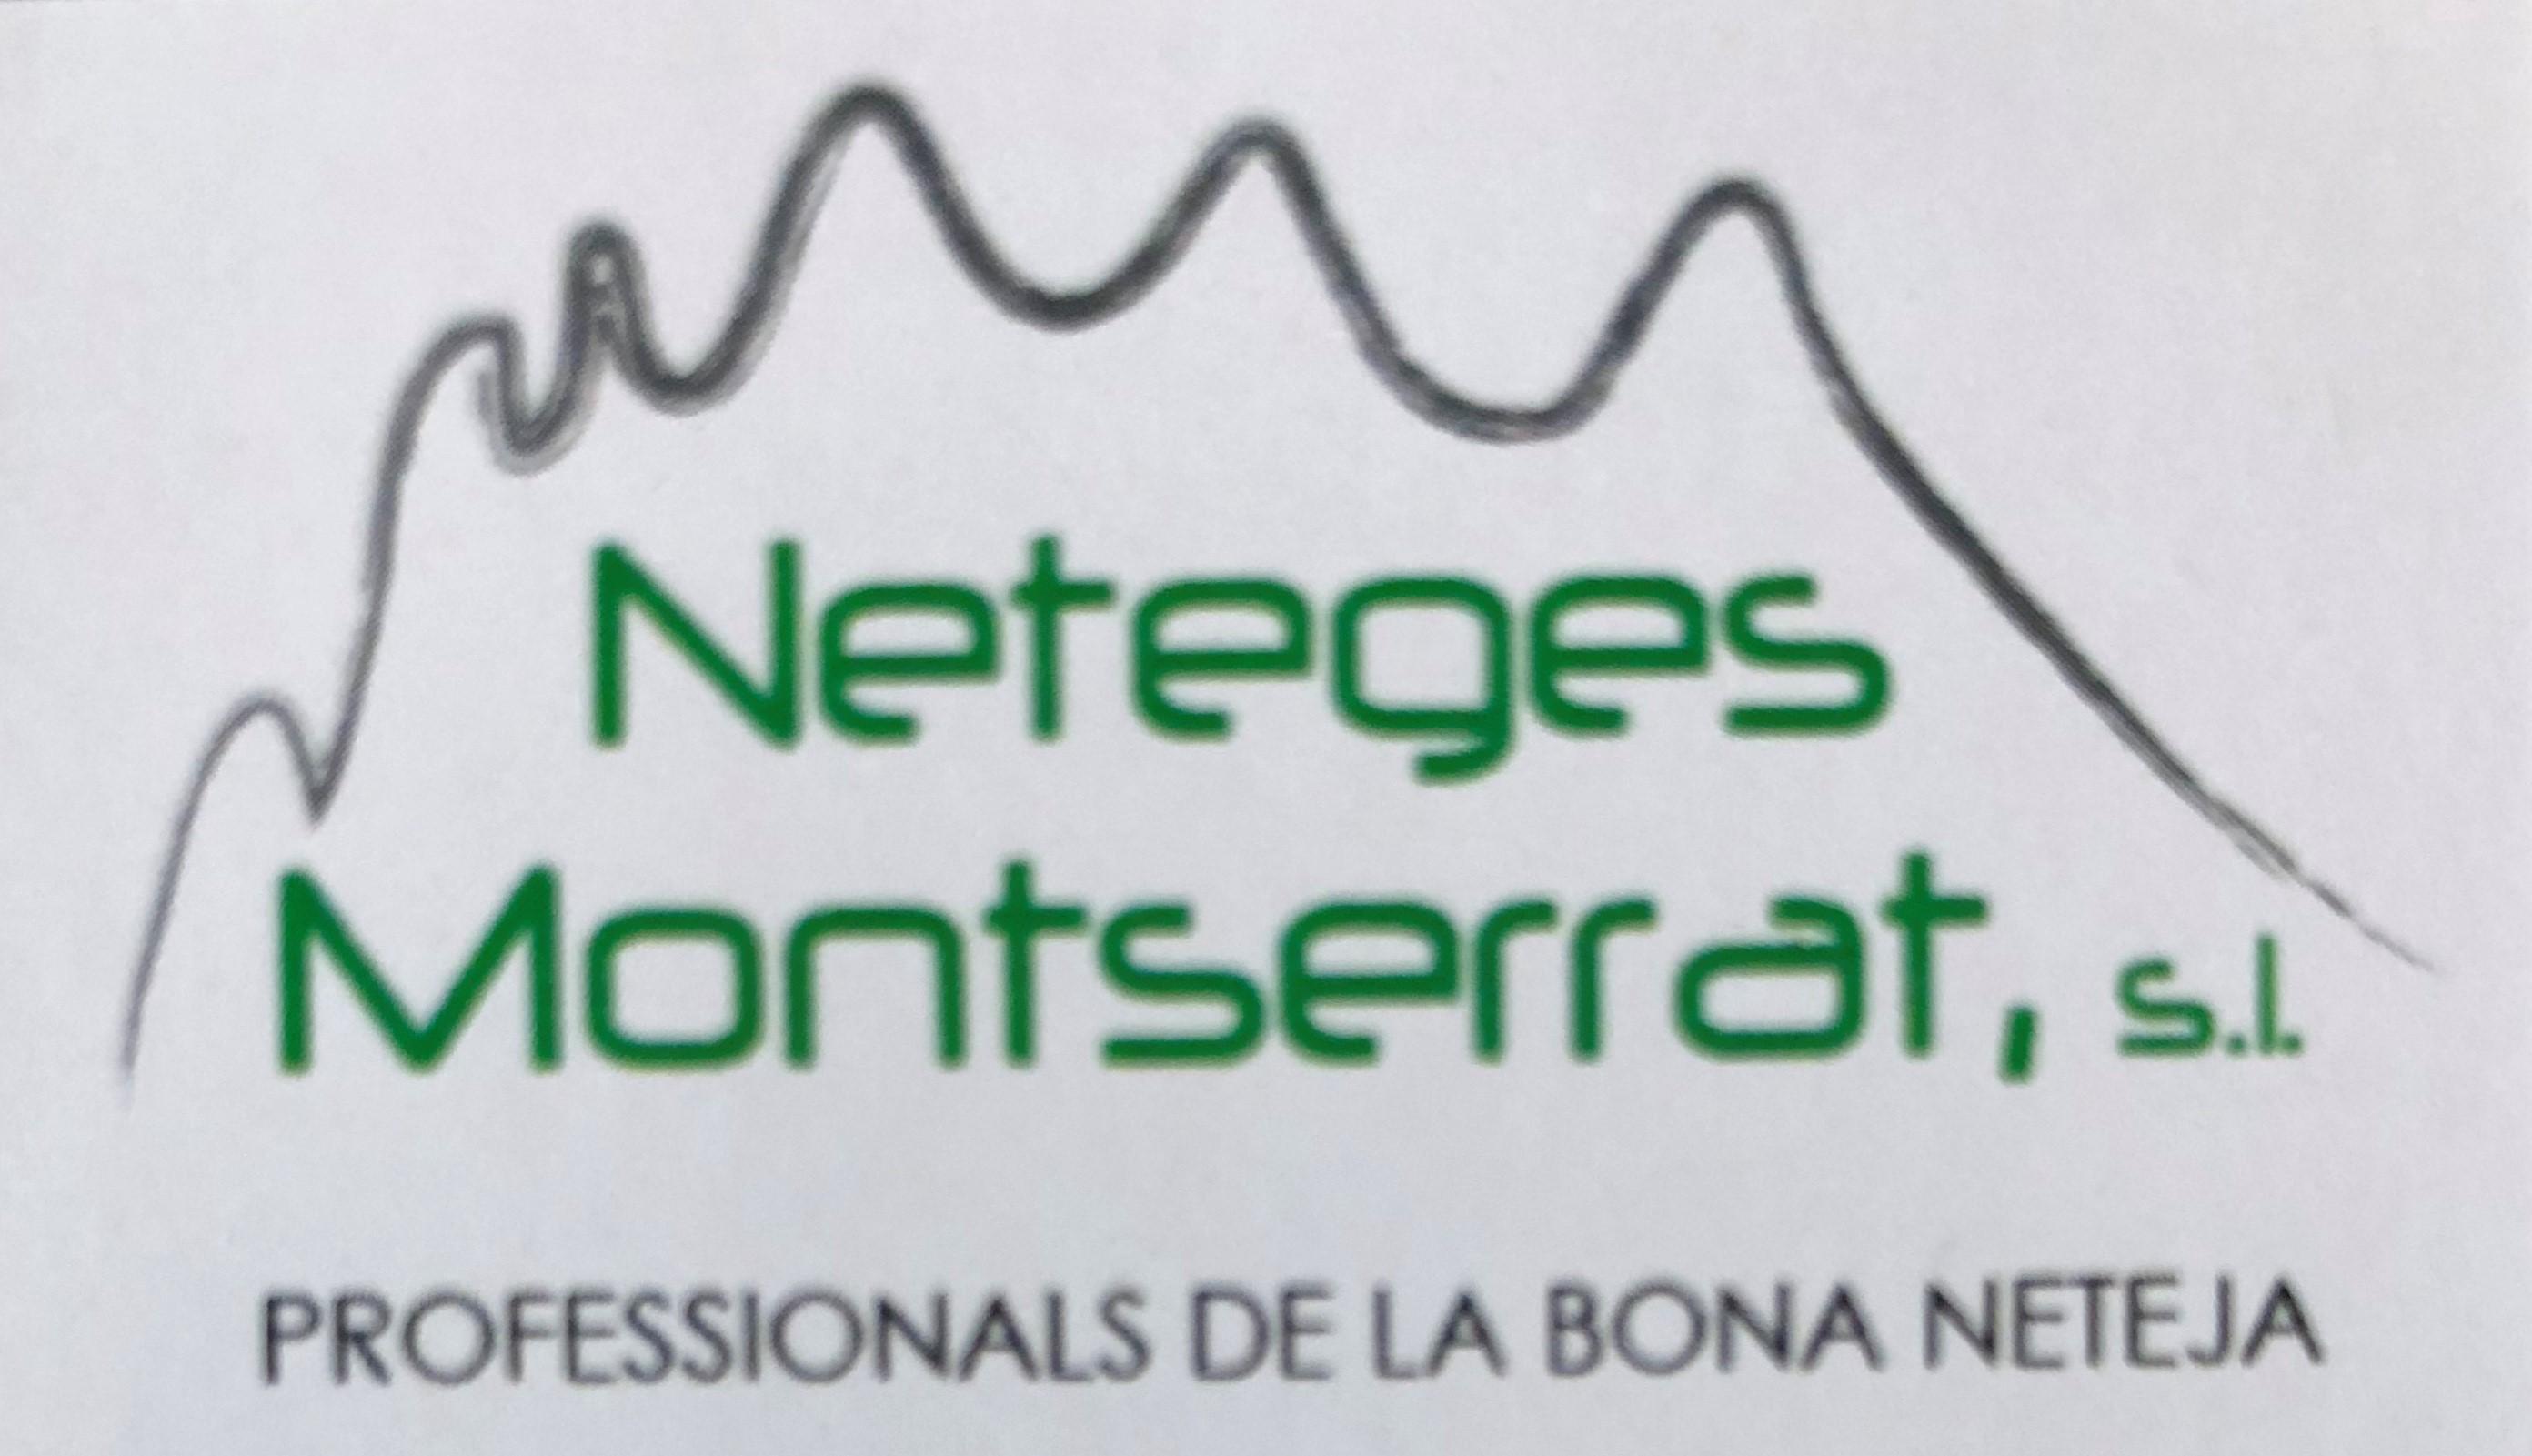 Neteges Montserrat s.l